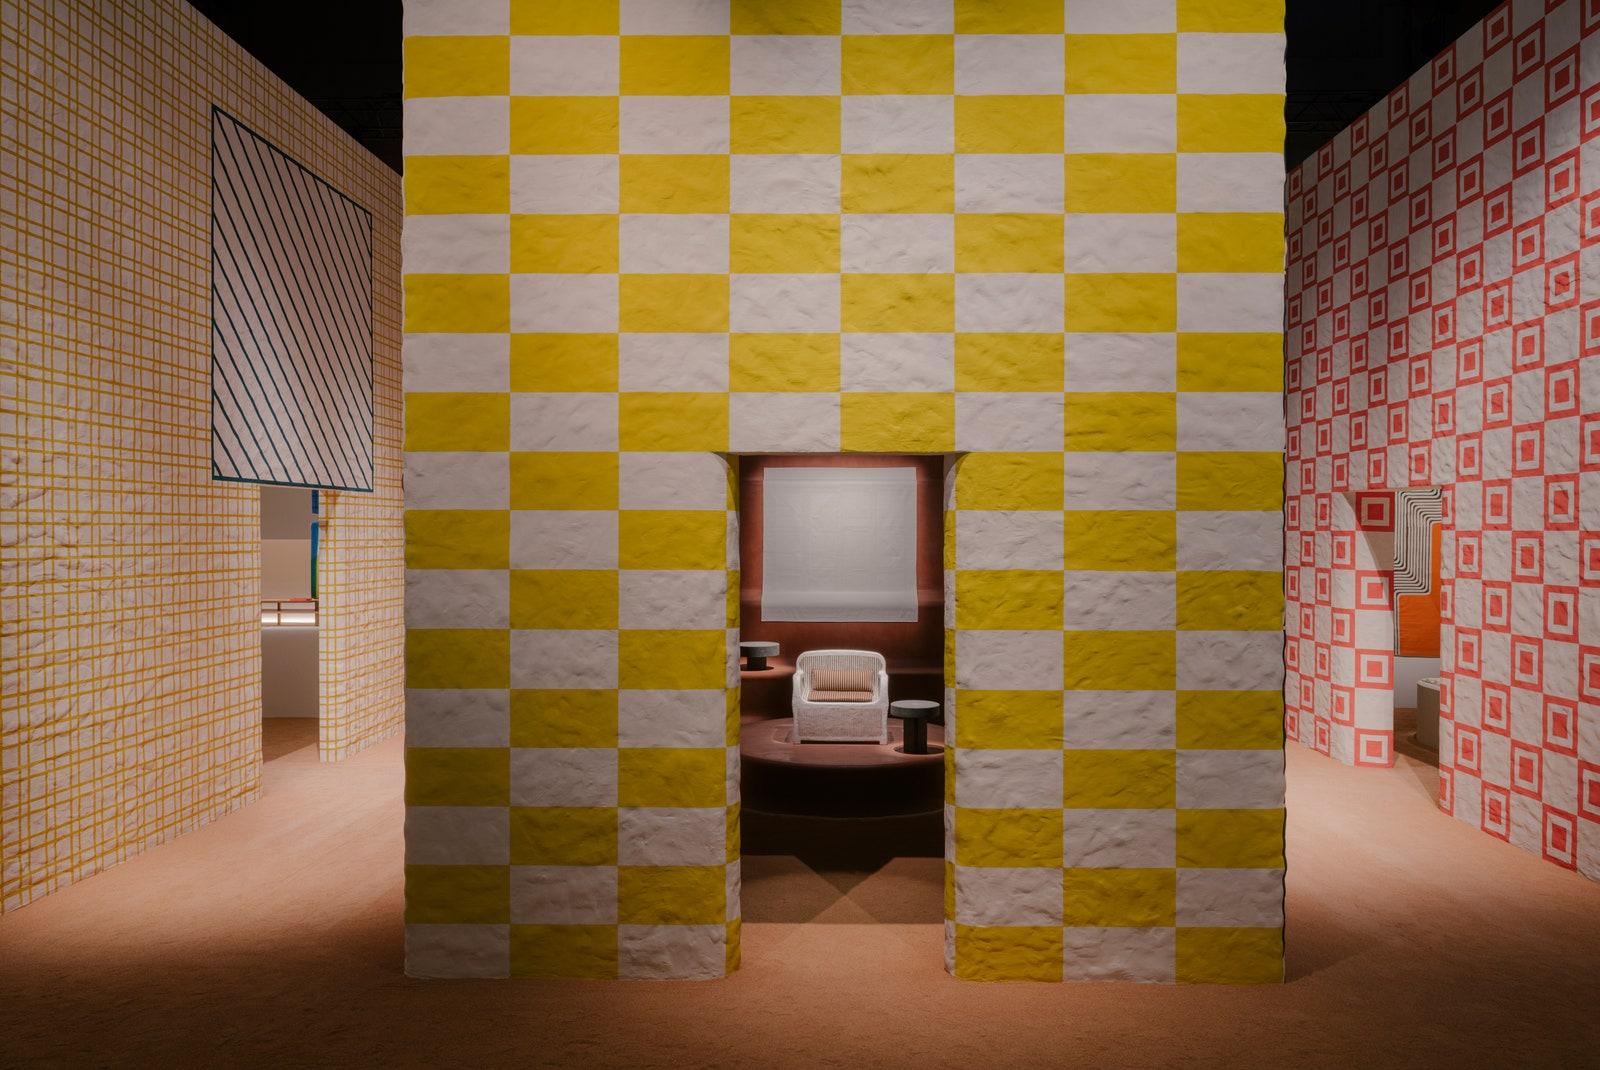 Миланы дизайны долоо хоног 2021: Хамгийн өвөрмөц тавилга болон гэрийн чимэглэлүүд (фото 7)